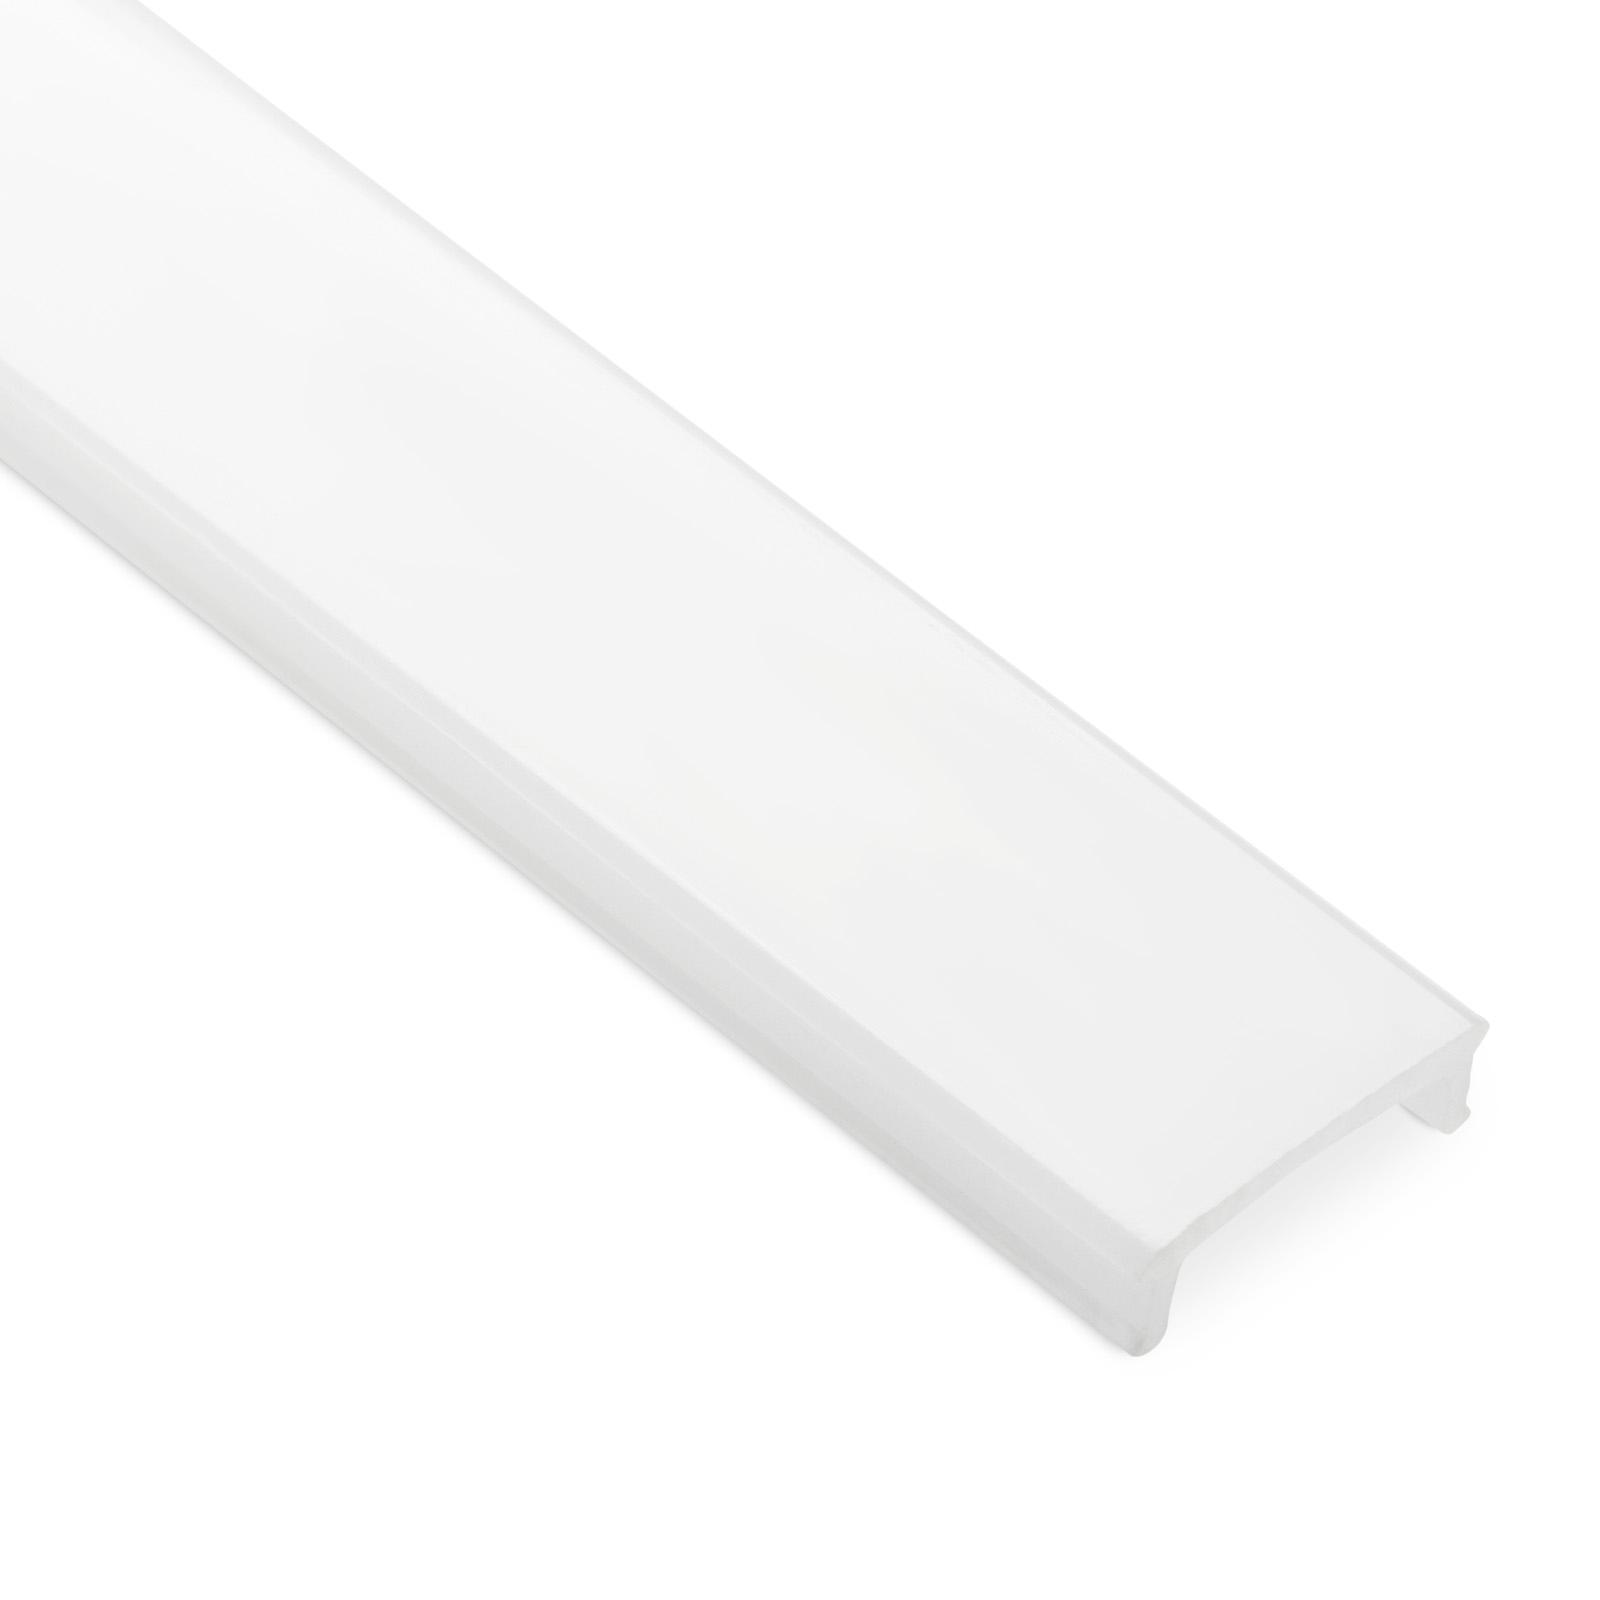 3 x LED Profil 43 Aluminium eloxiert 2000 x 17 x 41 mm mit